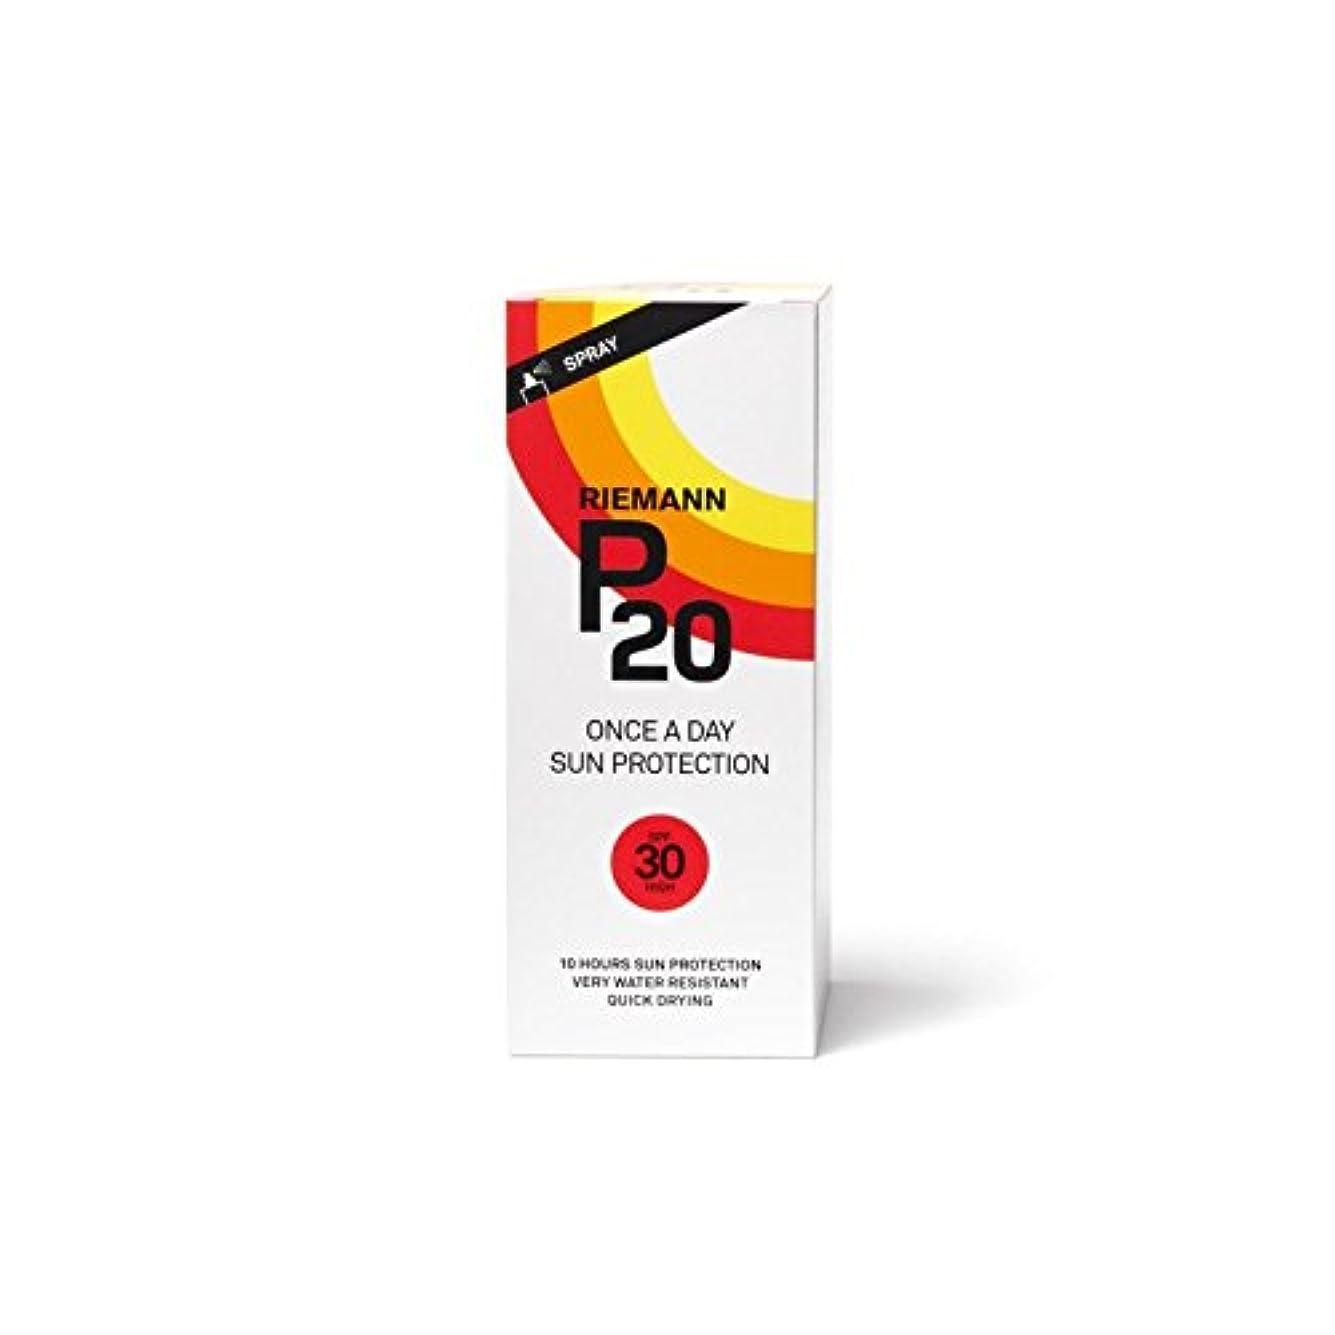 誕生外交問題スポンジリーマン20のサンフィルター200ミリリットル30 x2 - Riemann P20 Sun Filter 200ml SPF30 (Pack of 2) [並行輸入品]